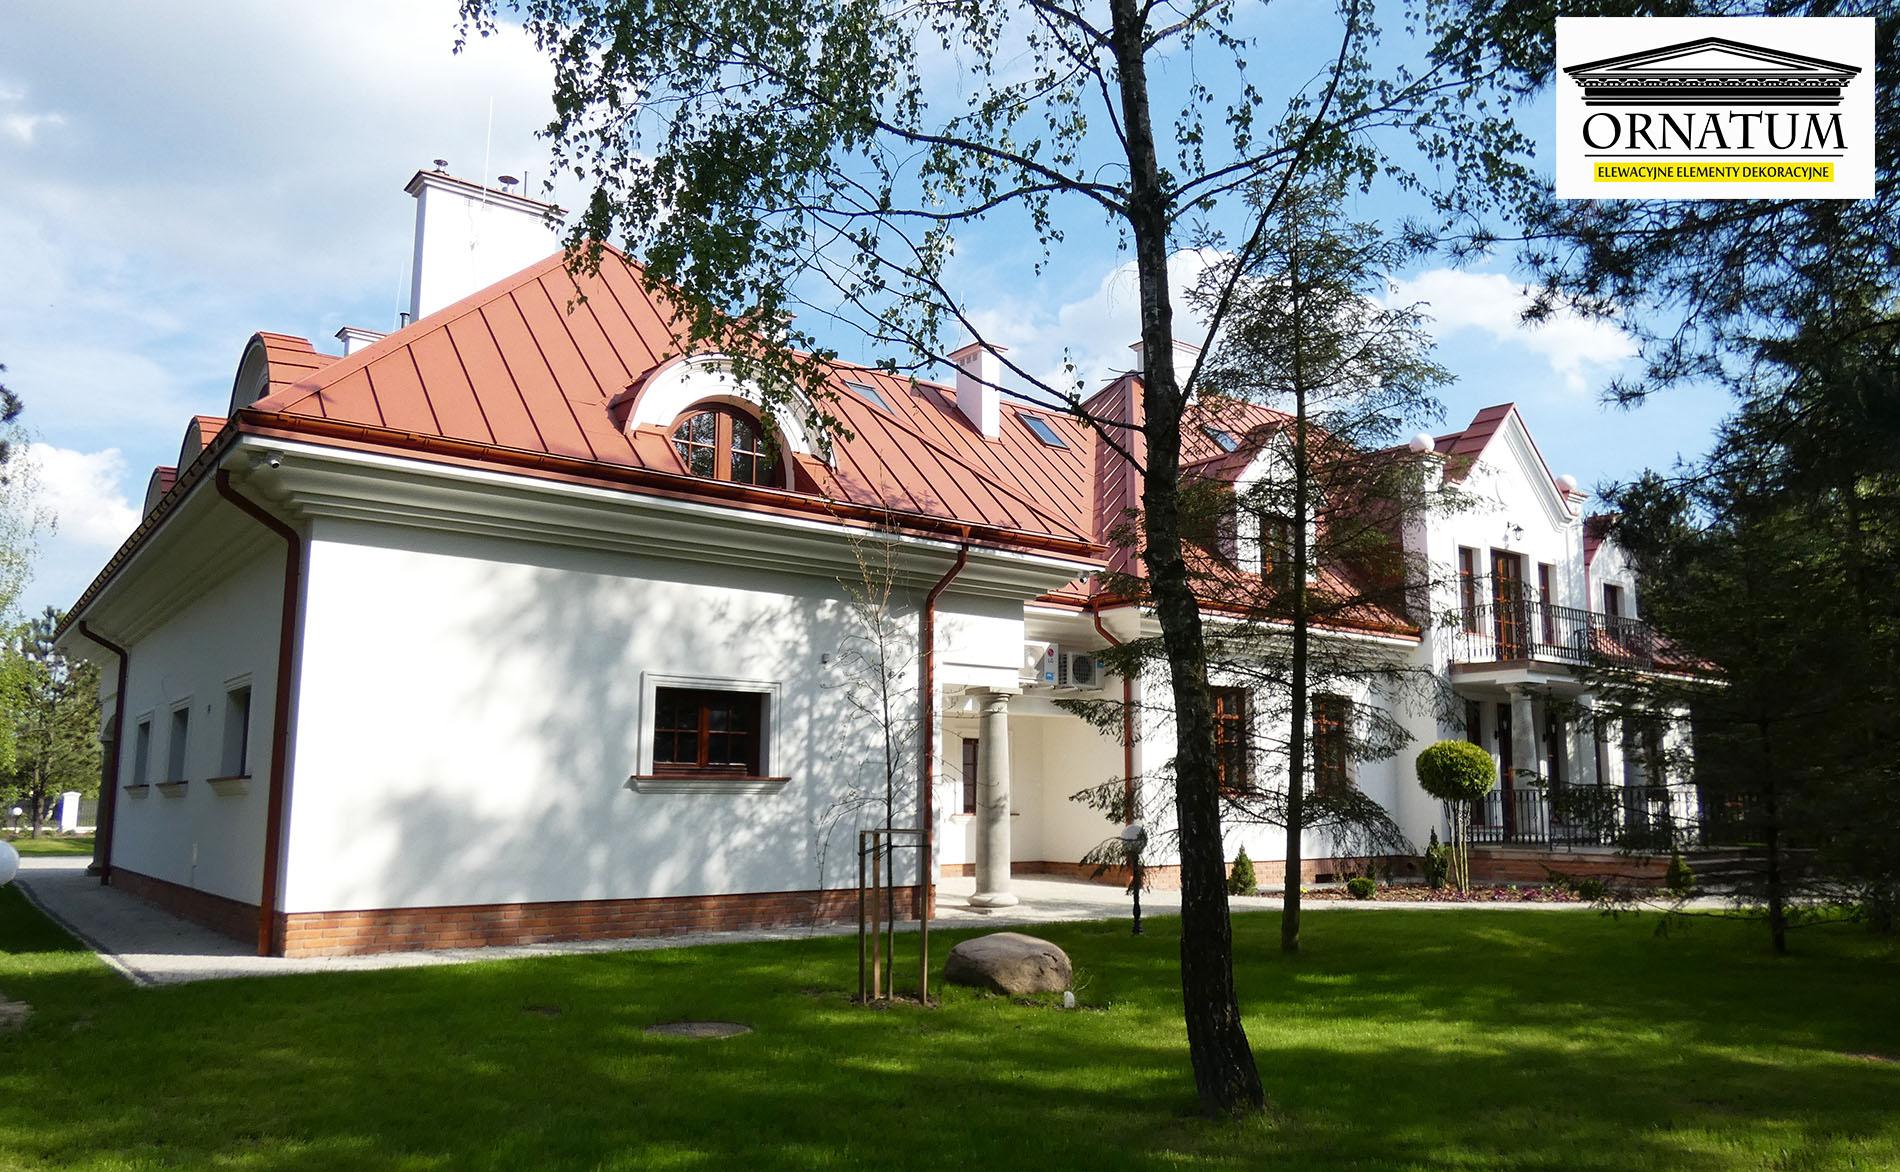 grabanow ornatum 4